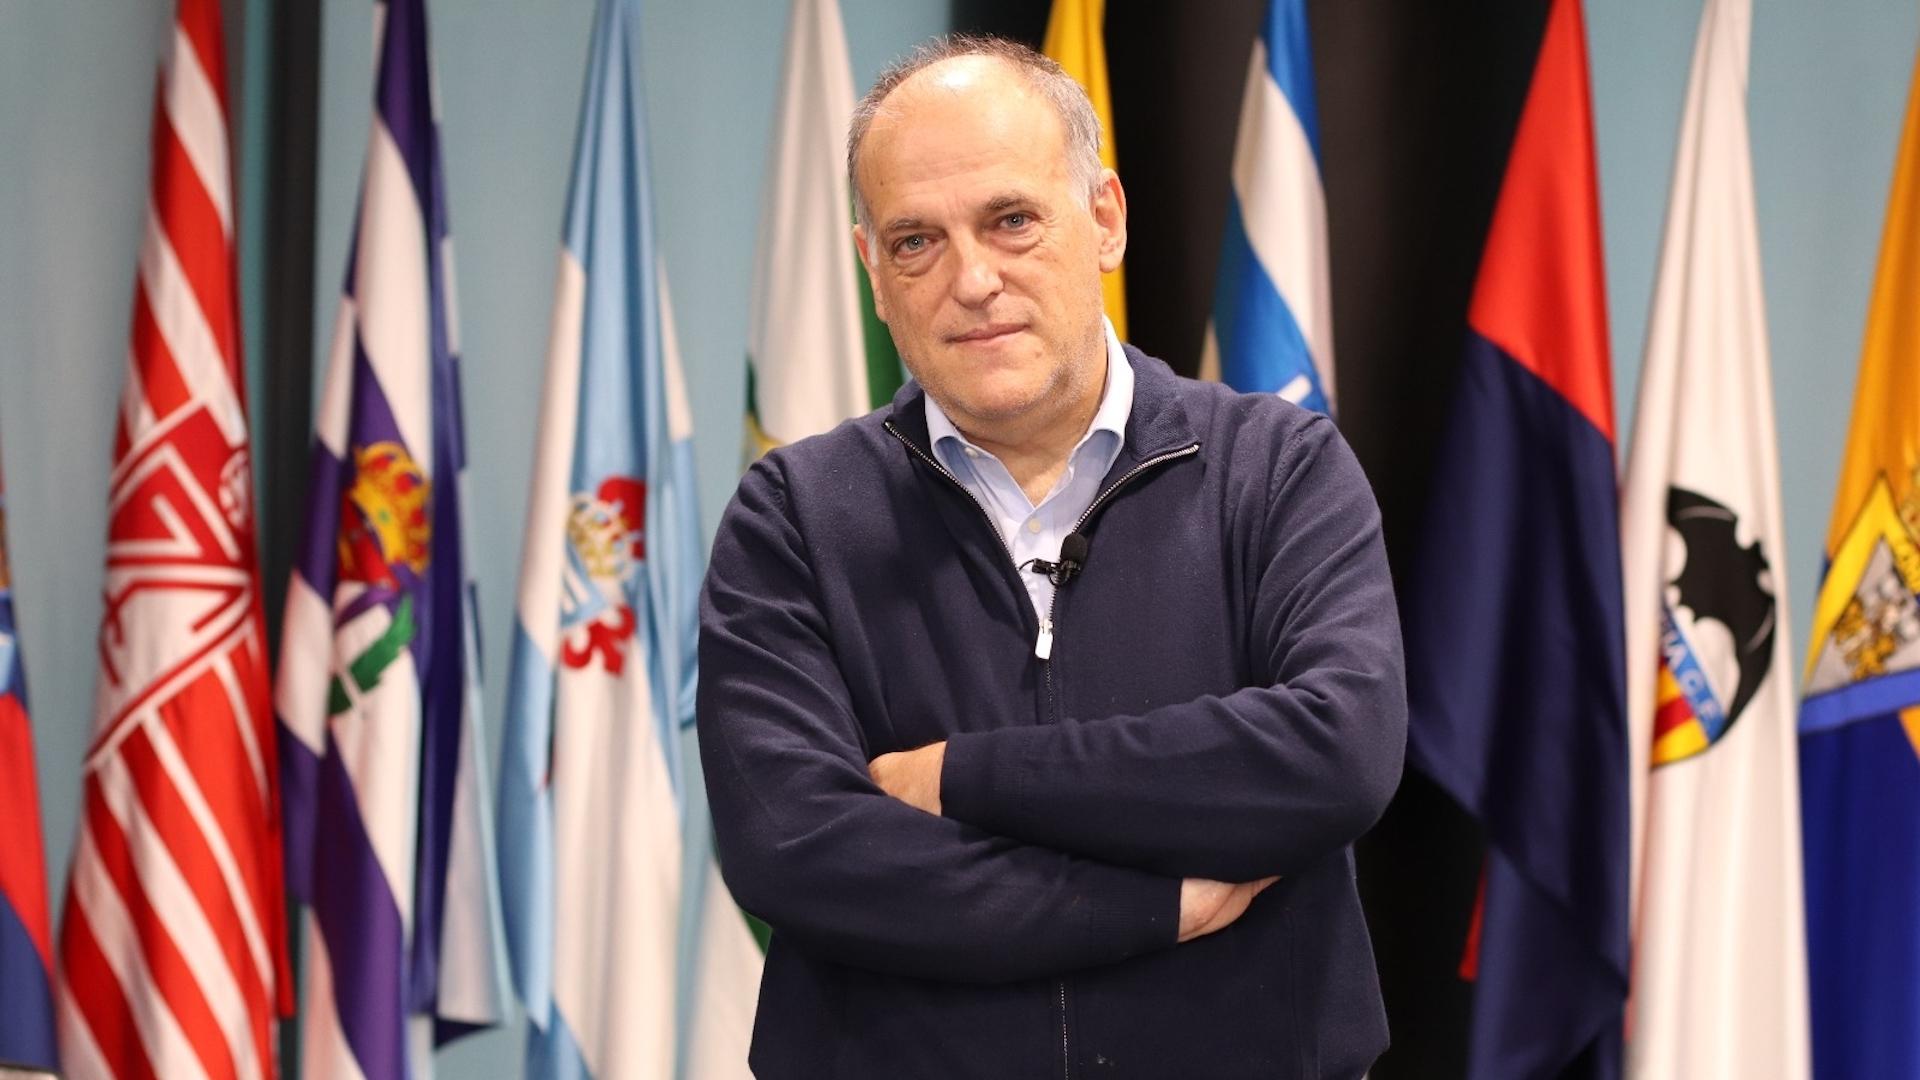 Tebas rappresentante delle leghe europee nel Comitato Esecutivo dell'UEFA